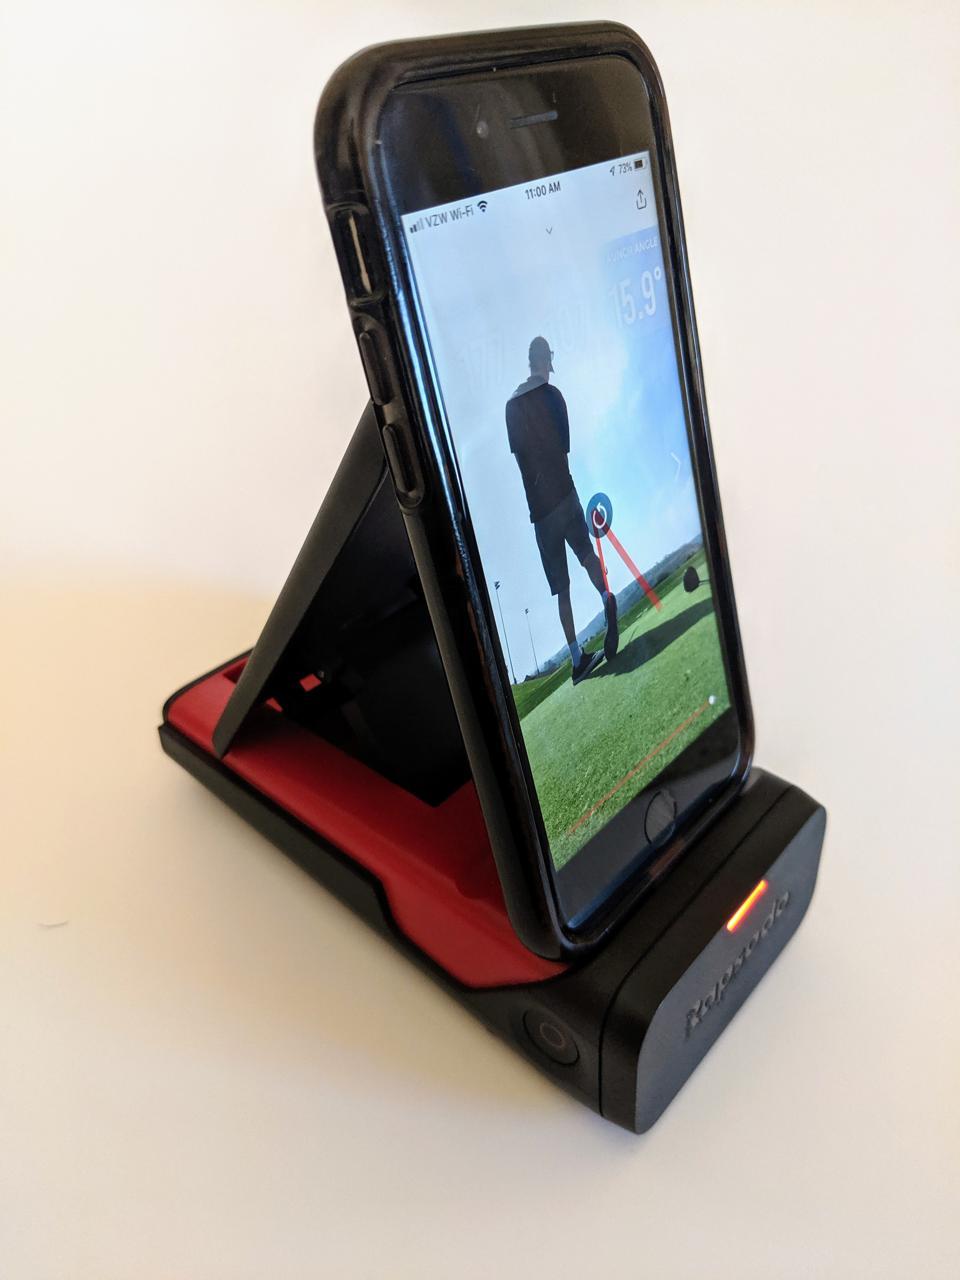 Rapsodo's Mobile Launch Monitor